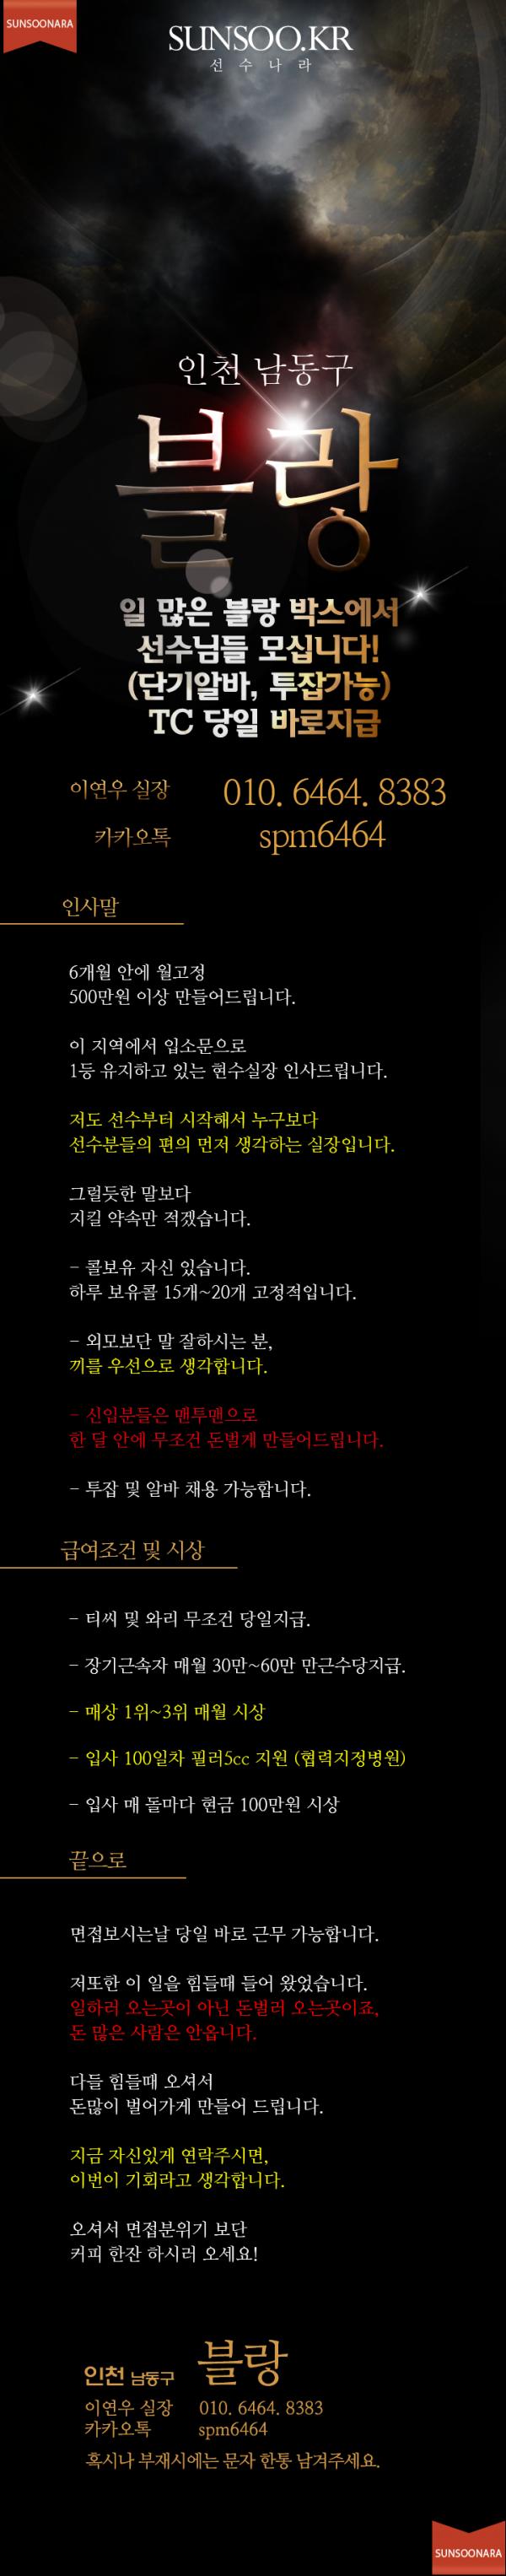 인천 블랑.png